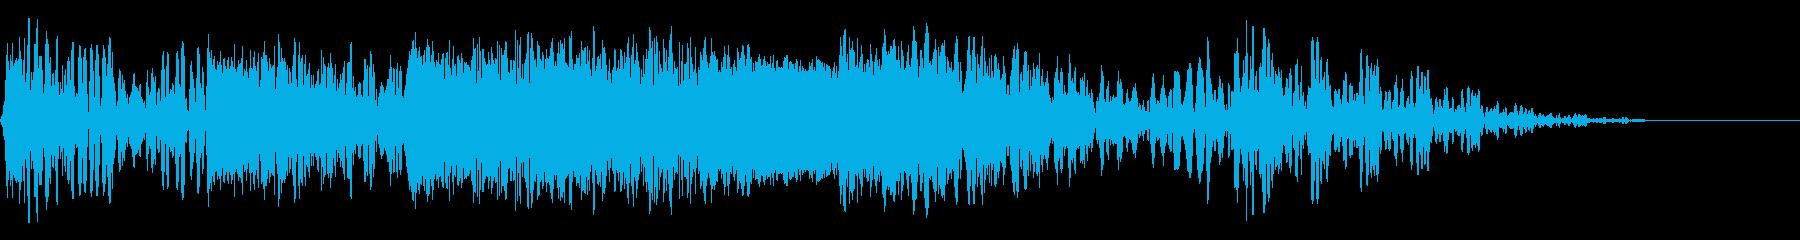 フォトンボンバードメントの再生済みの波形